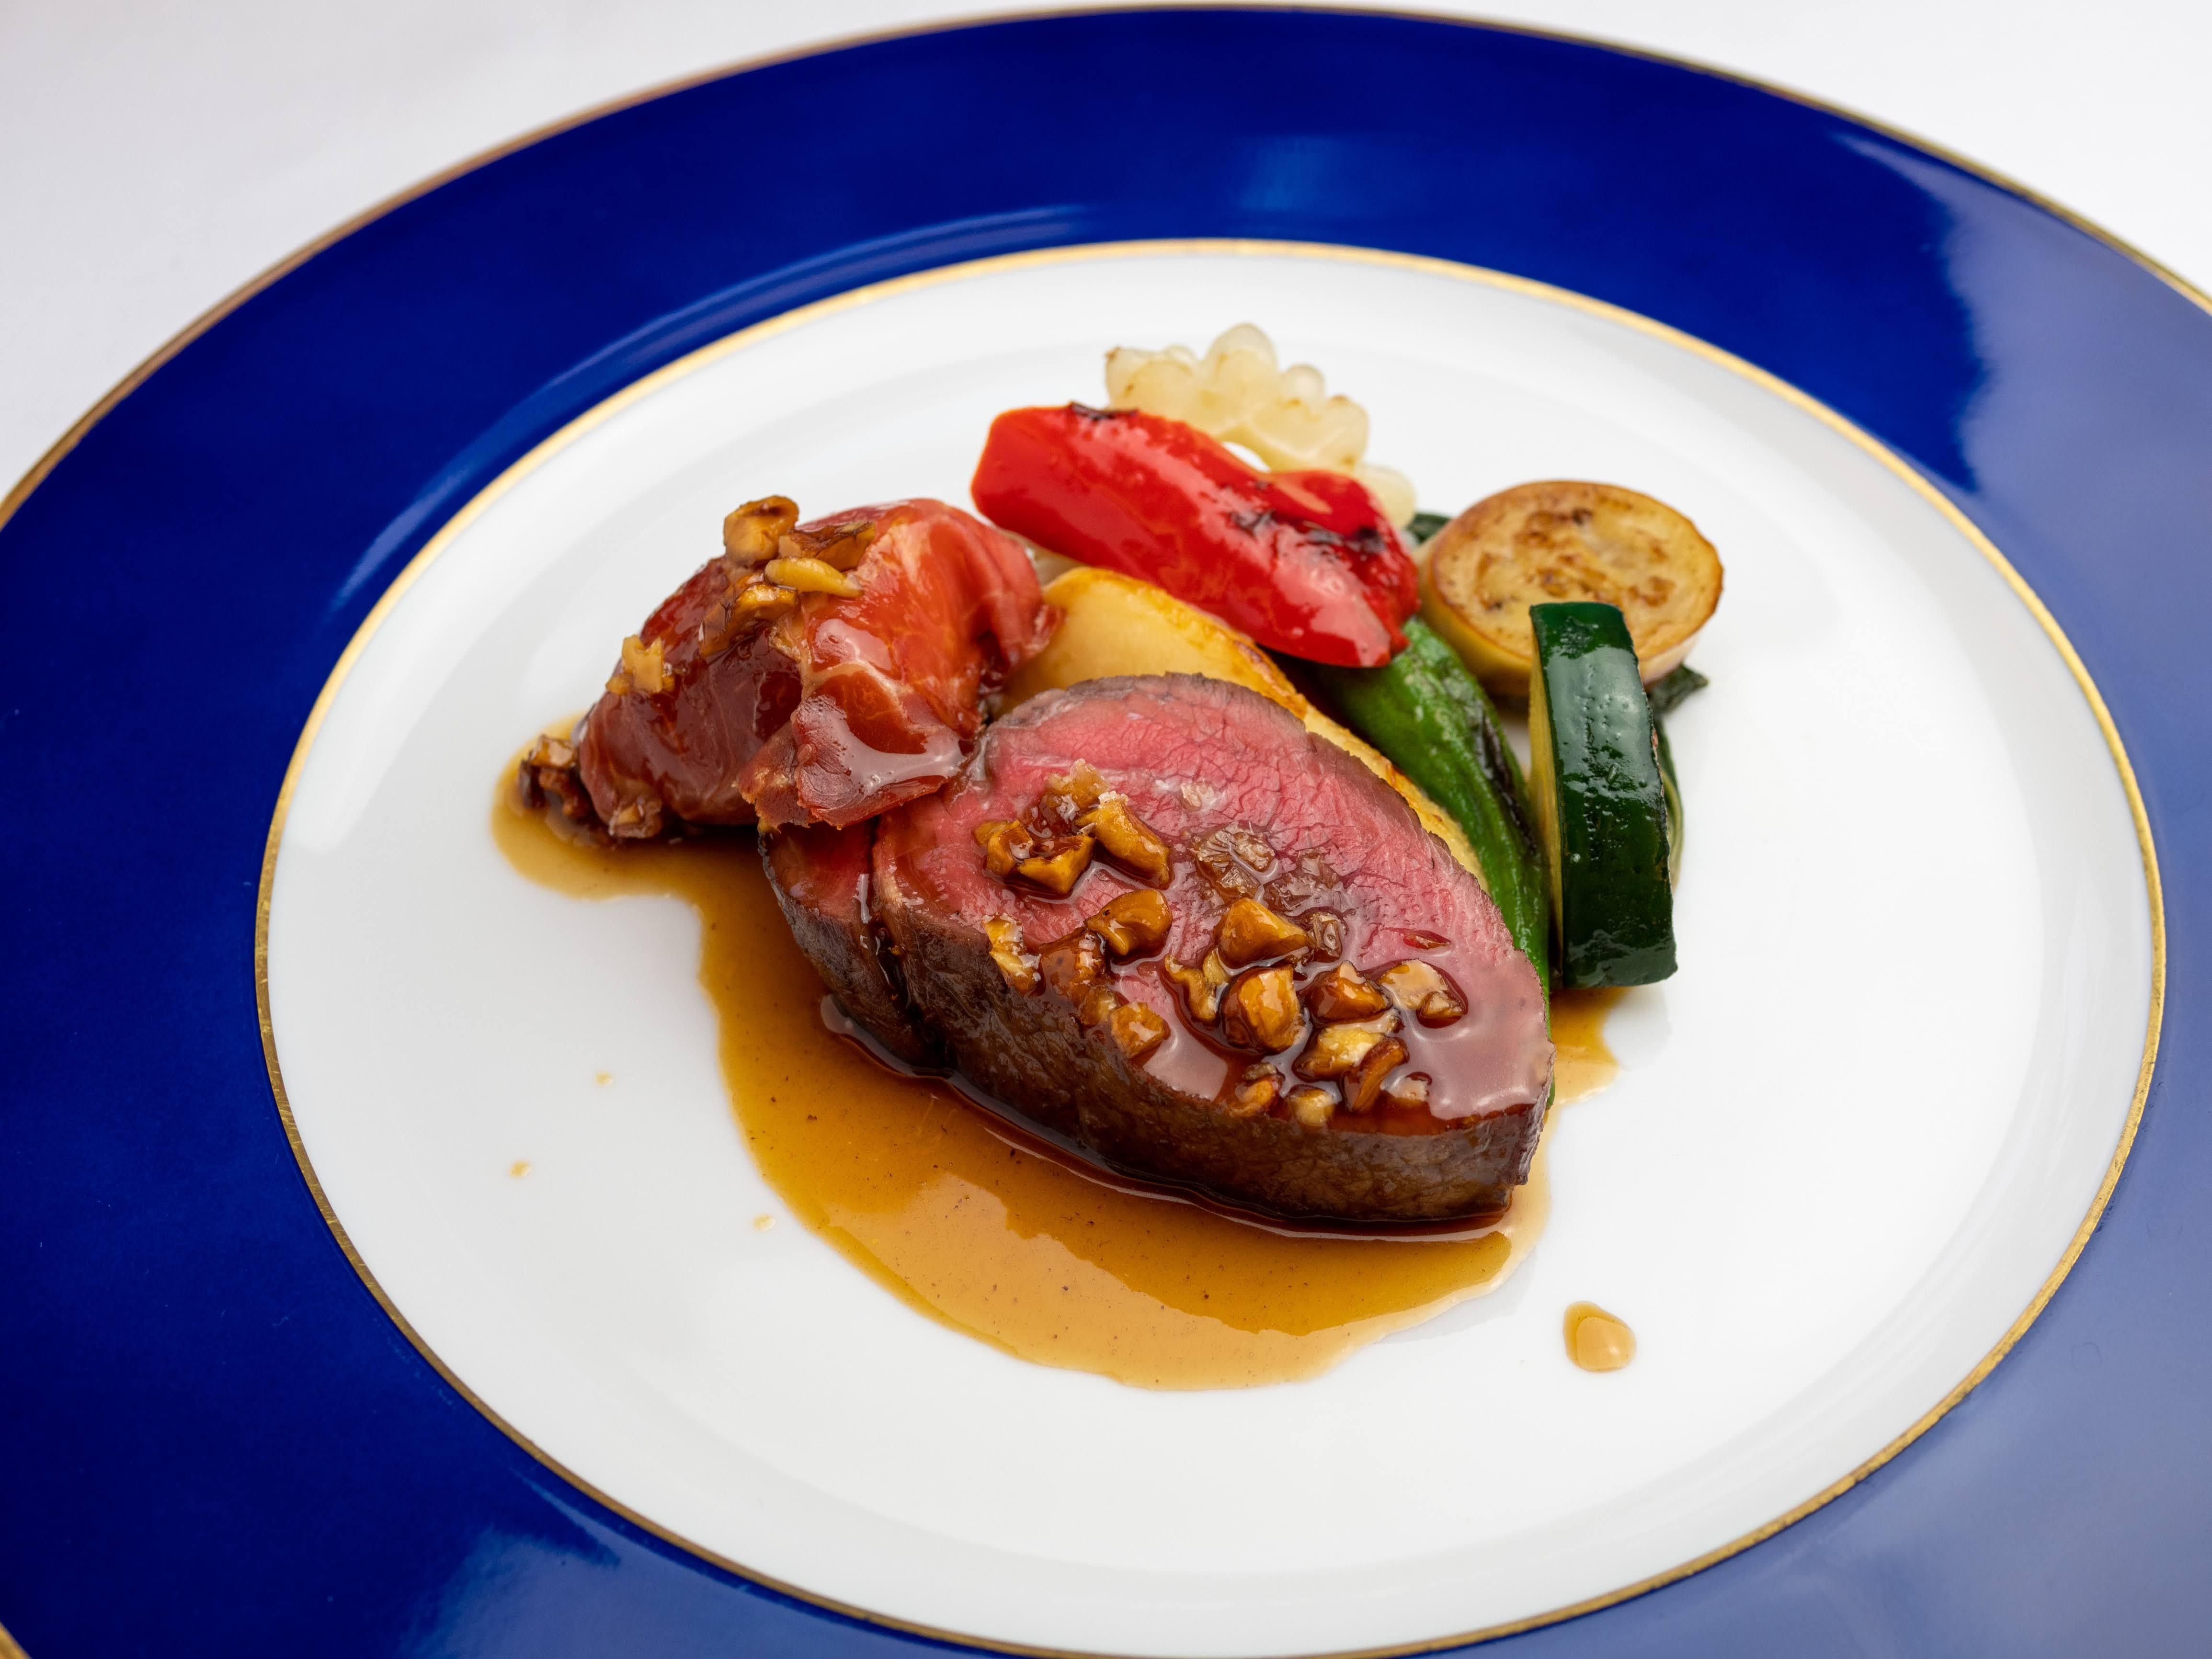 肉のふがねより 岩手県産 短角牛のローストクルミとフォンドヴォーのソース